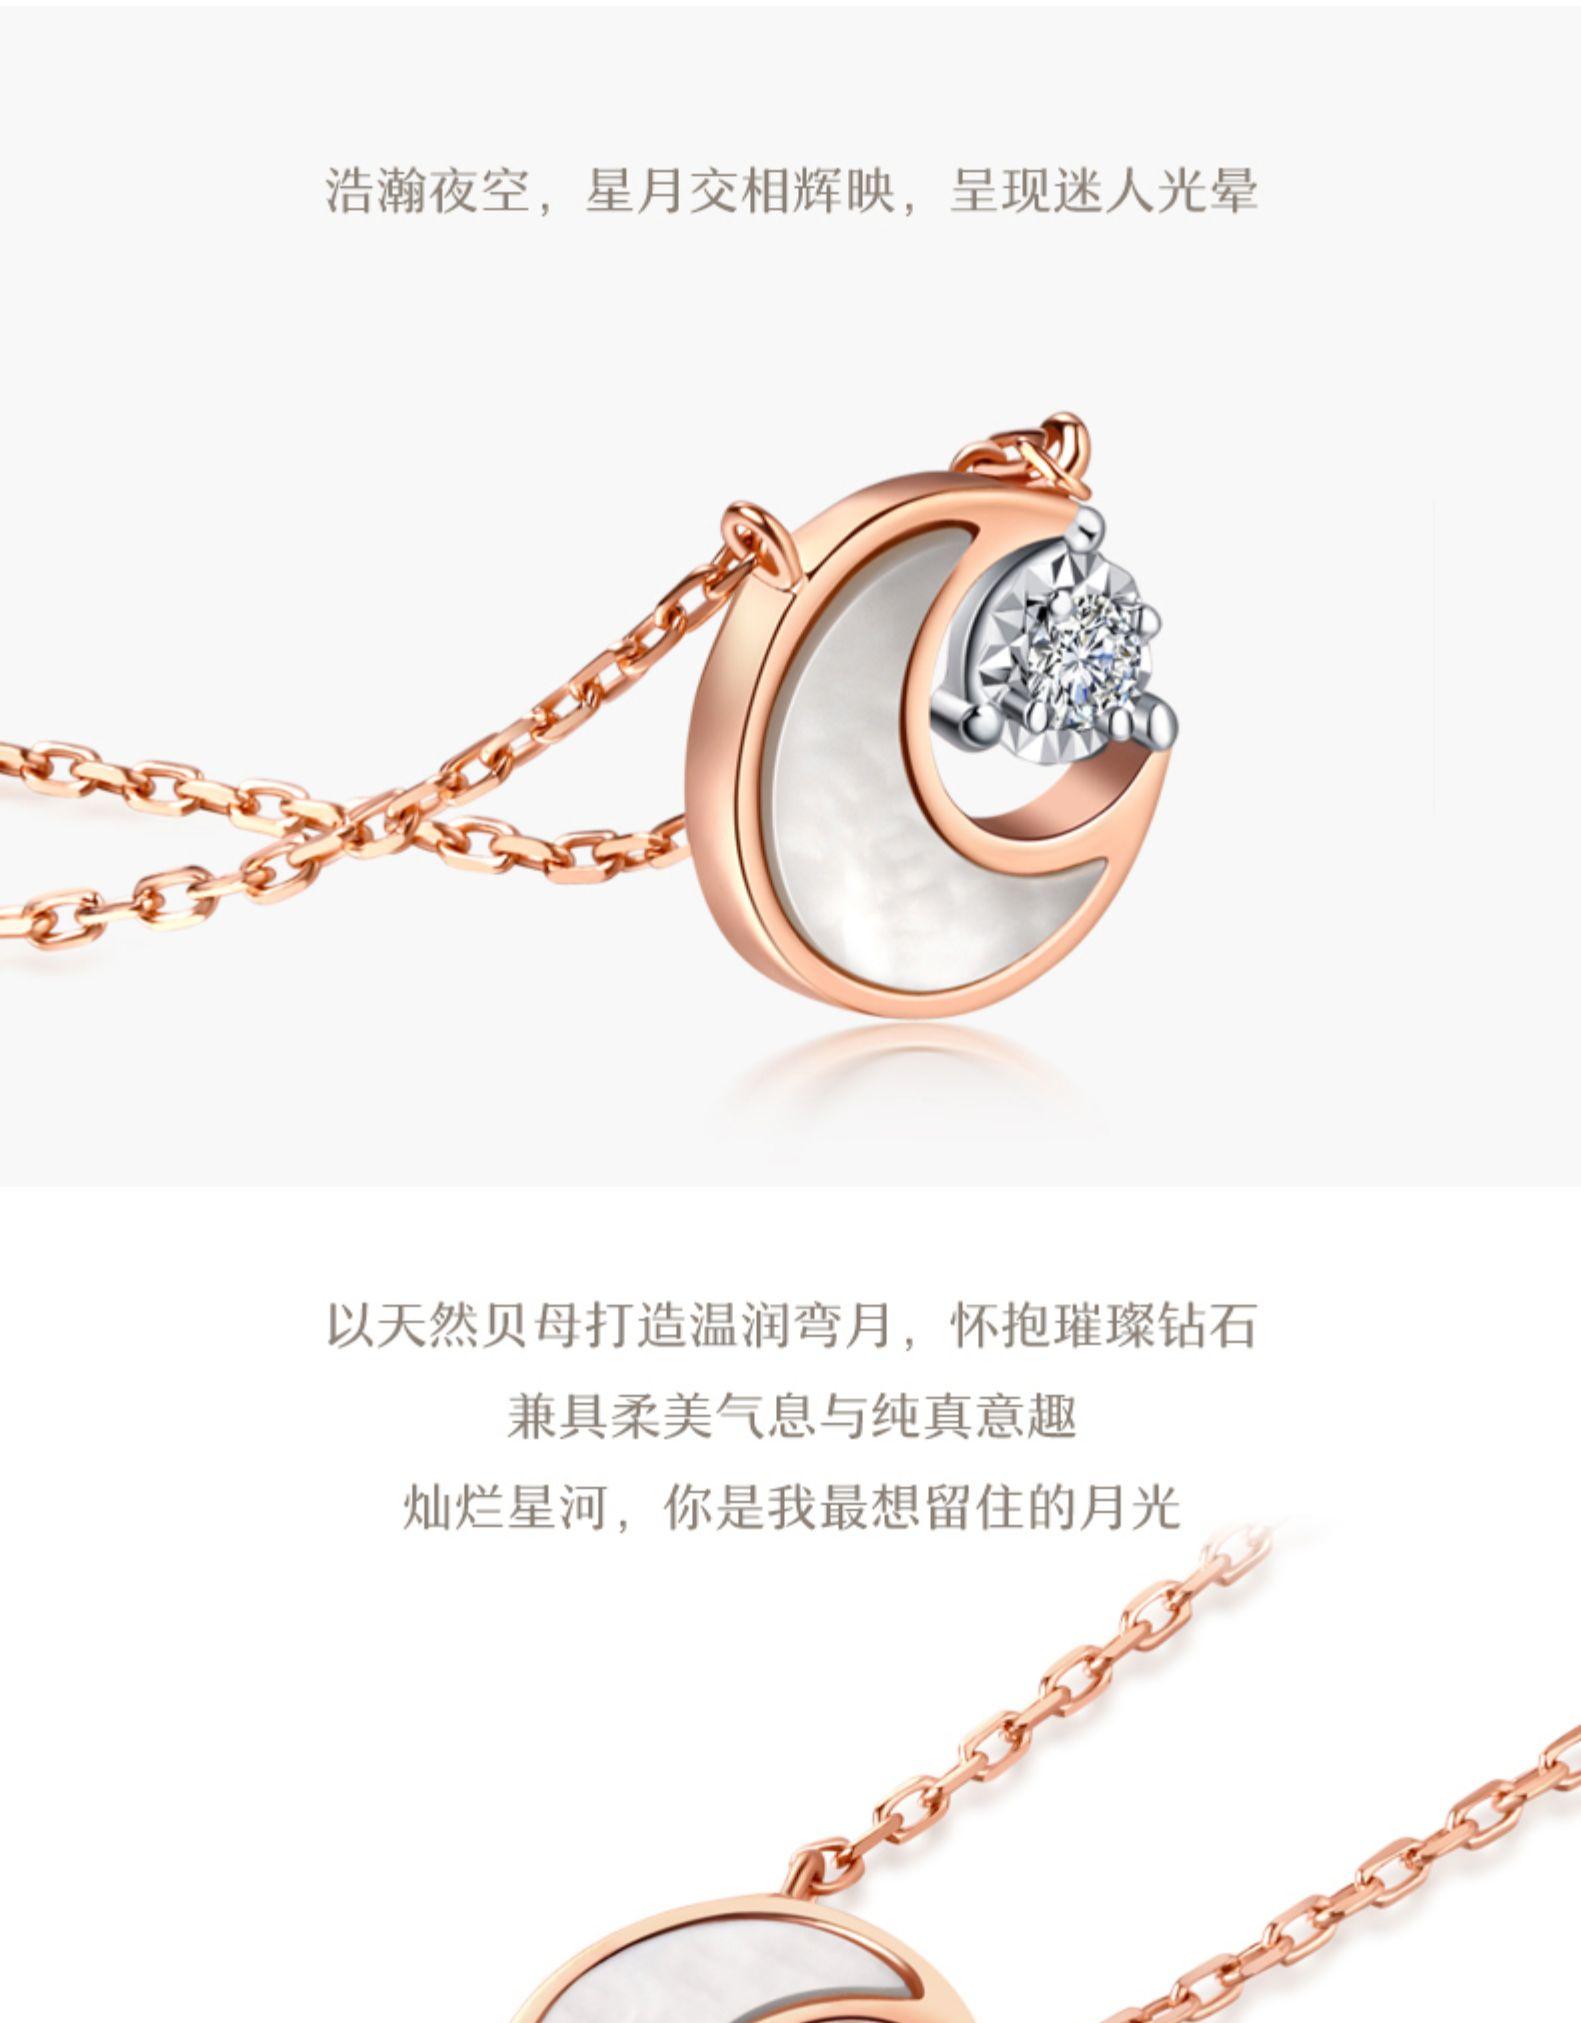 【现货】星芒系列金钻石项炼女颈饰锁骨链正品详细照片